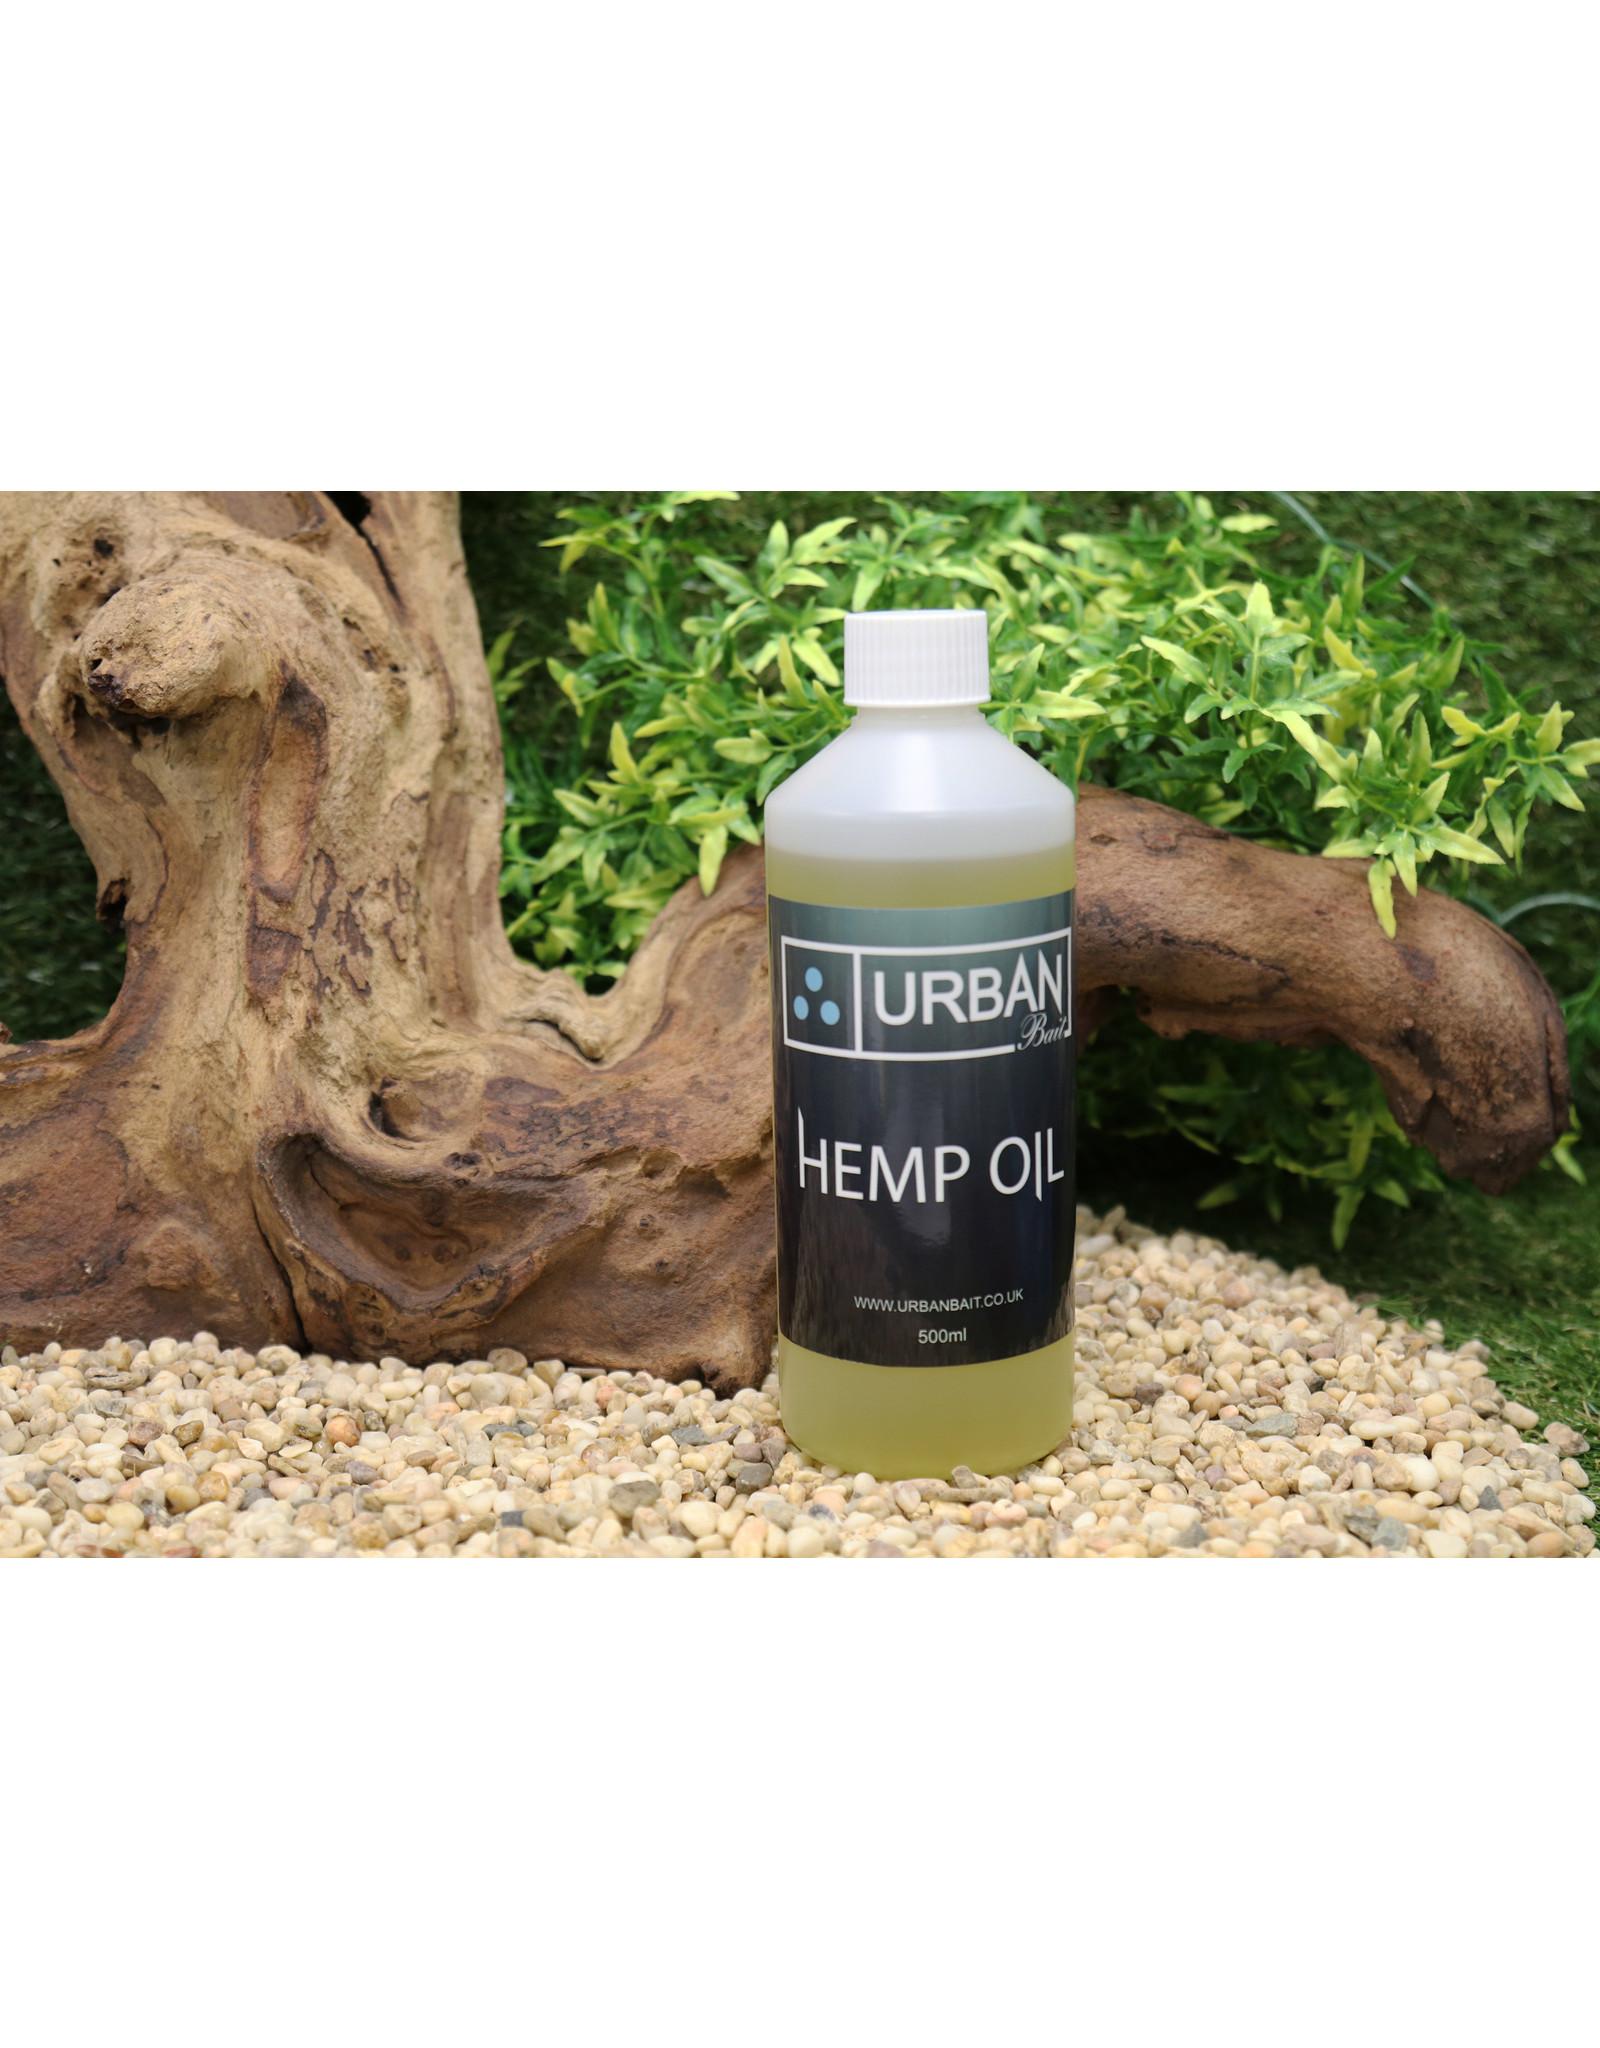 Urban Bait Urban Bait Hemp Oil 500ml